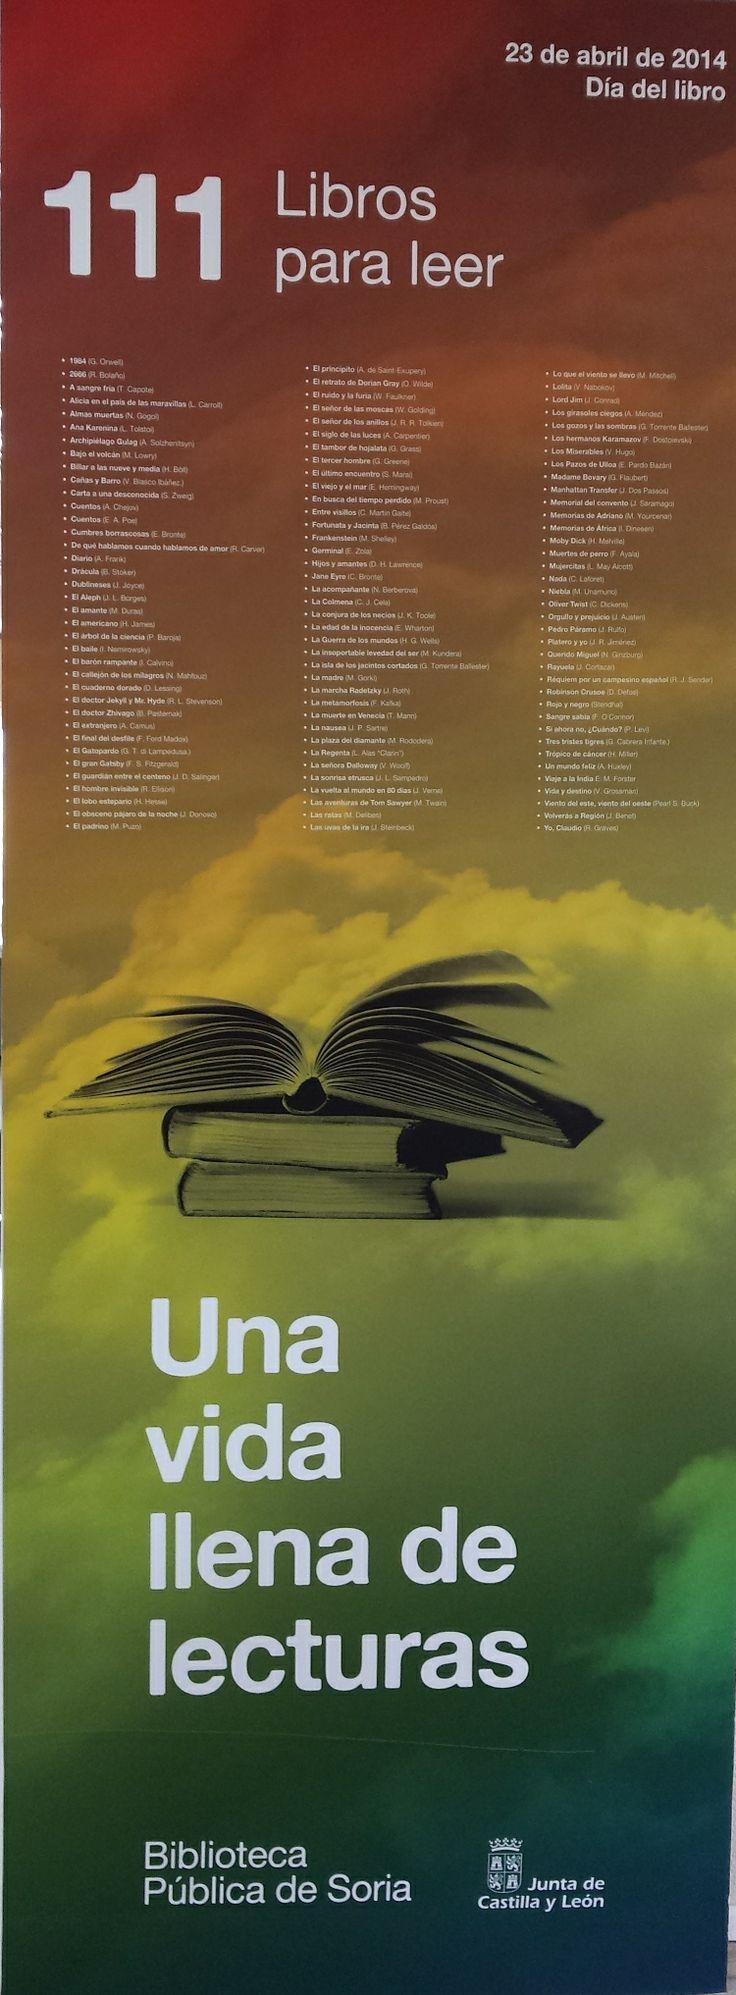 Exposición 111 libros para leer.